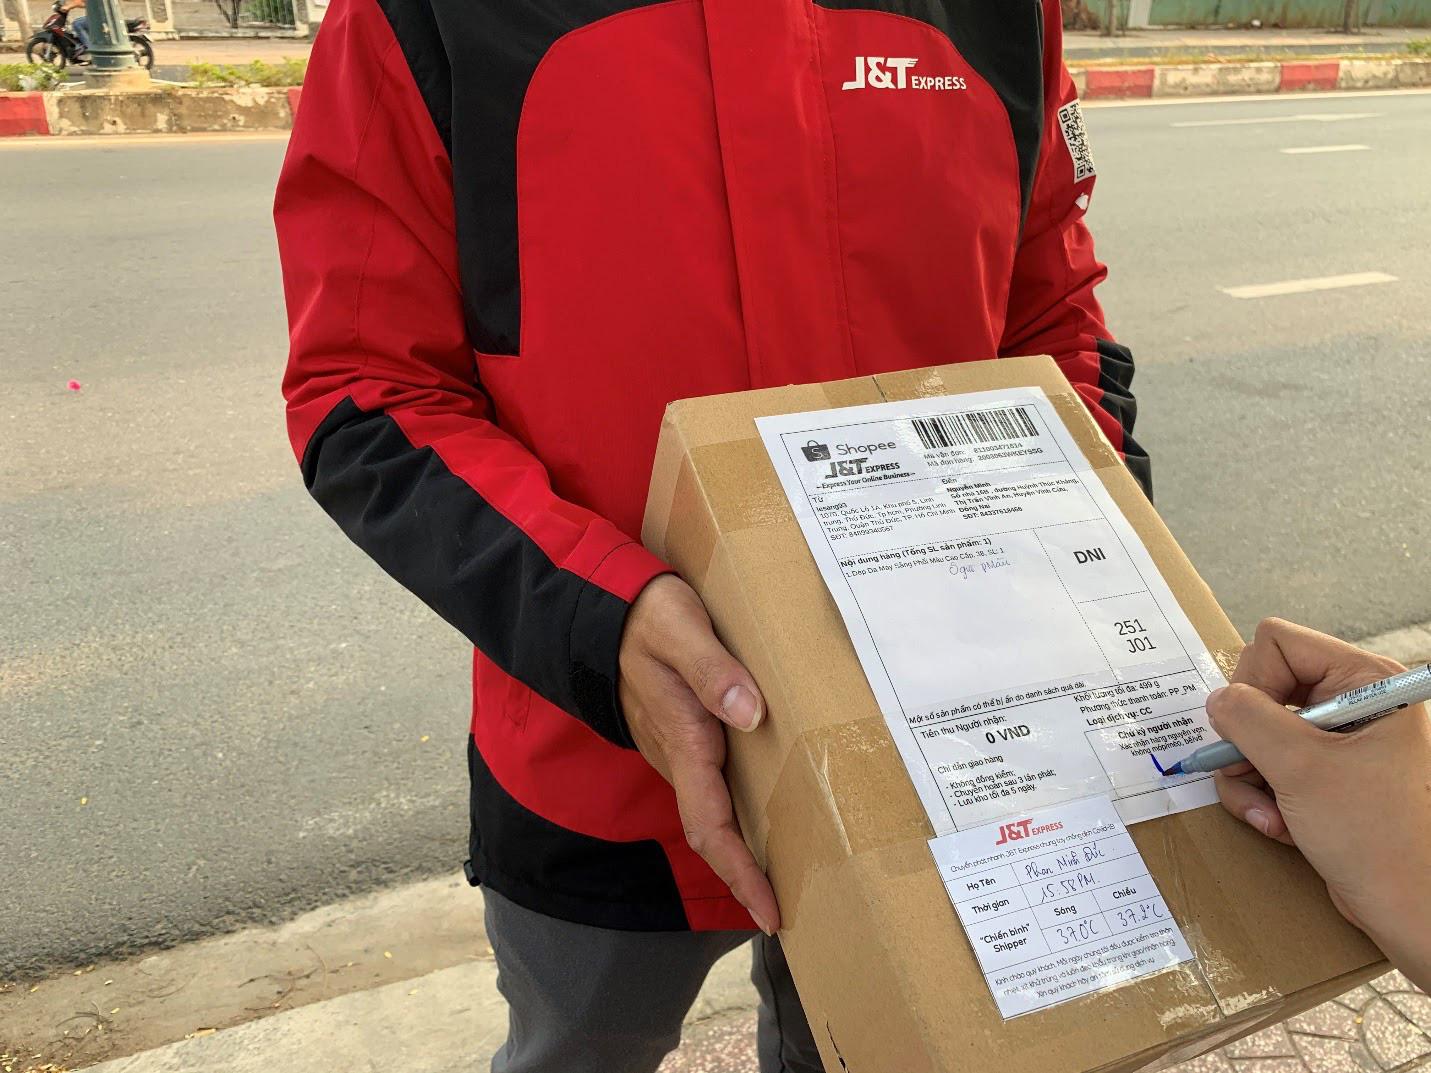 Shipper J&T Express đảm bảo an toàn cho người dùng khi vận chuyển hàng hóa - Ảnh 1.